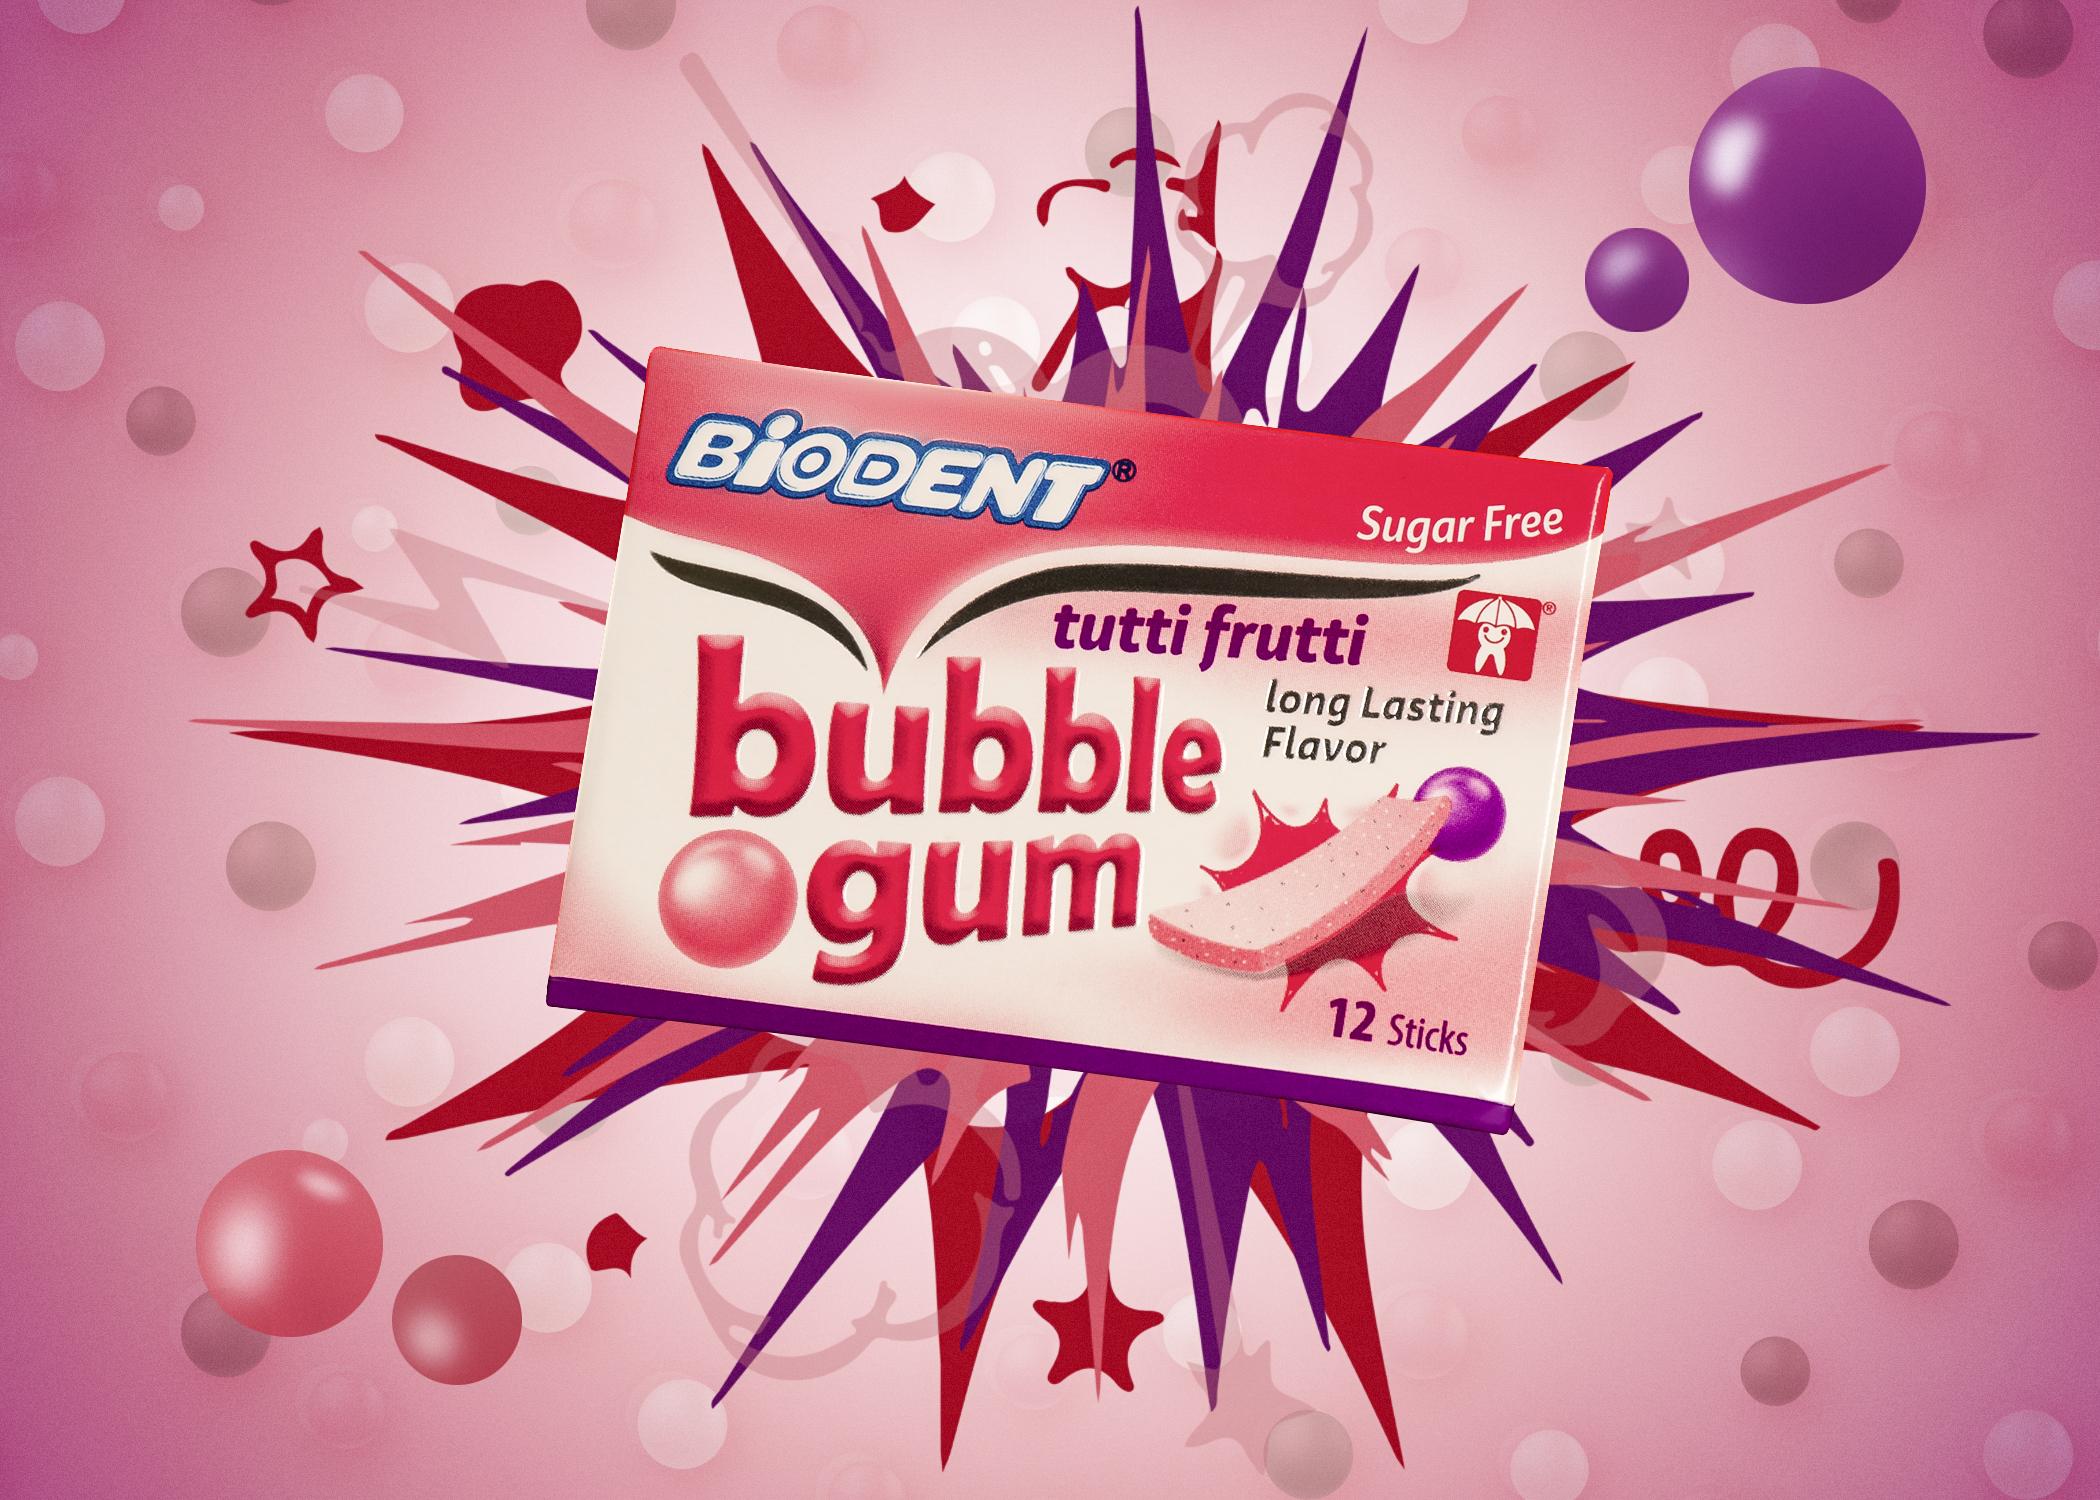 Biodent Gum